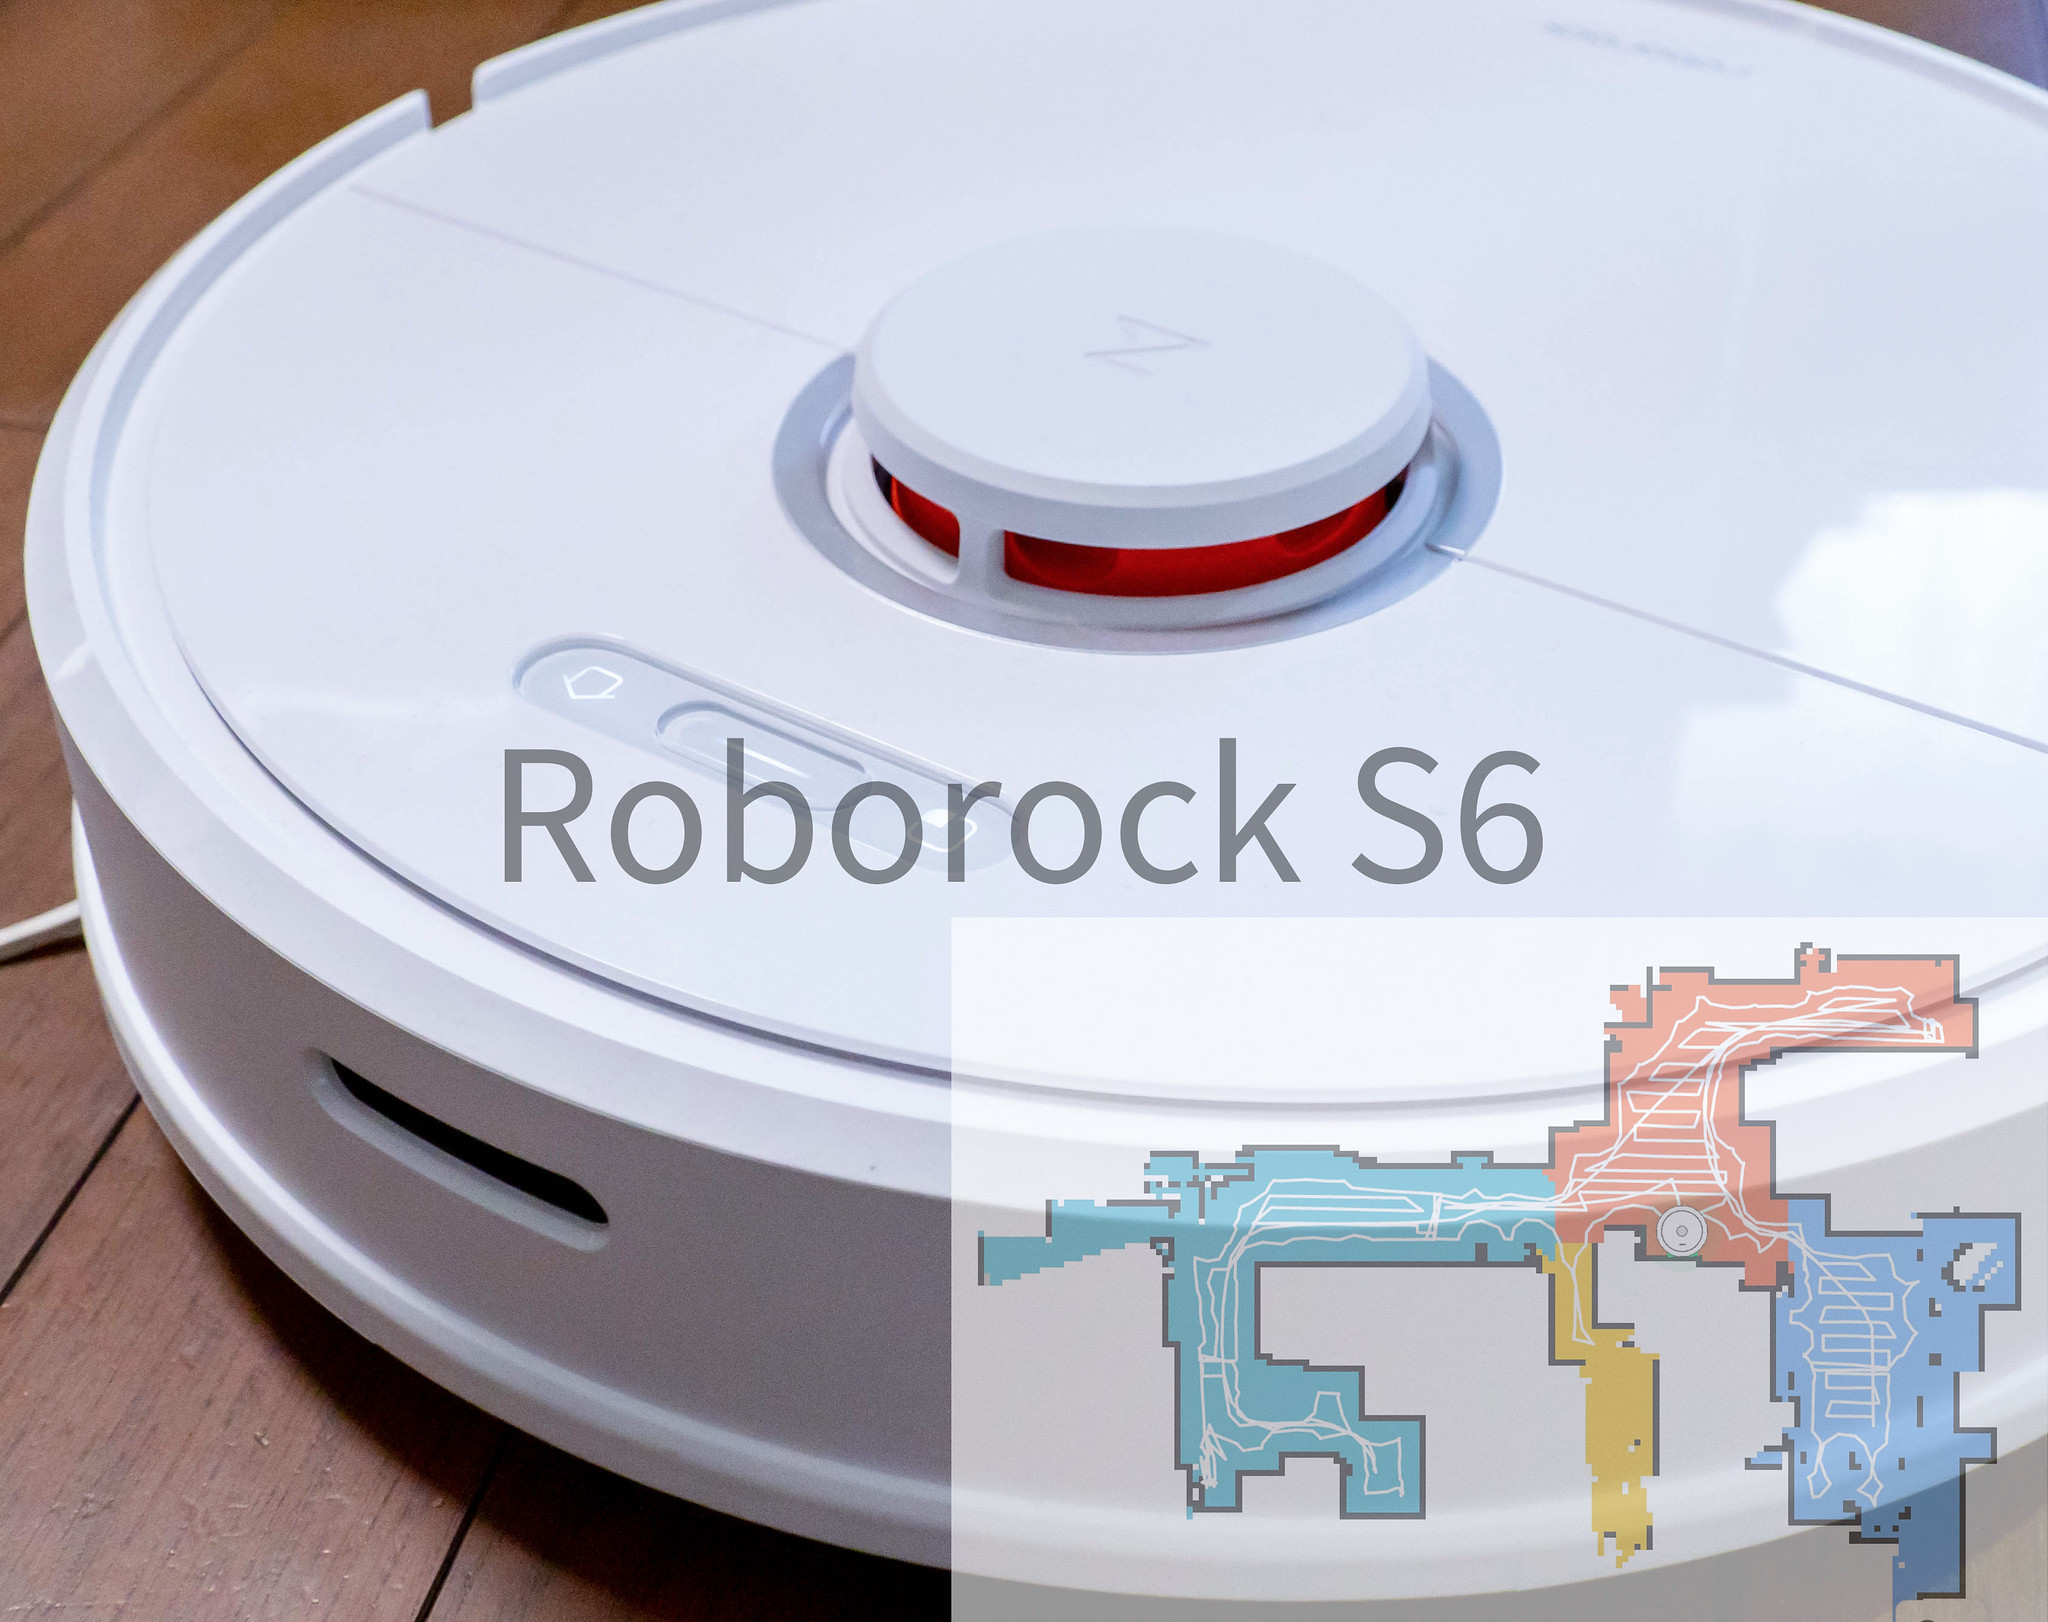 Roborock ロボット掃除機 S6 とても静かで掃除と同時に水拭きもできる レーザー搭載でマップ作成&掃除も効率的 #ひかりTVショッピング